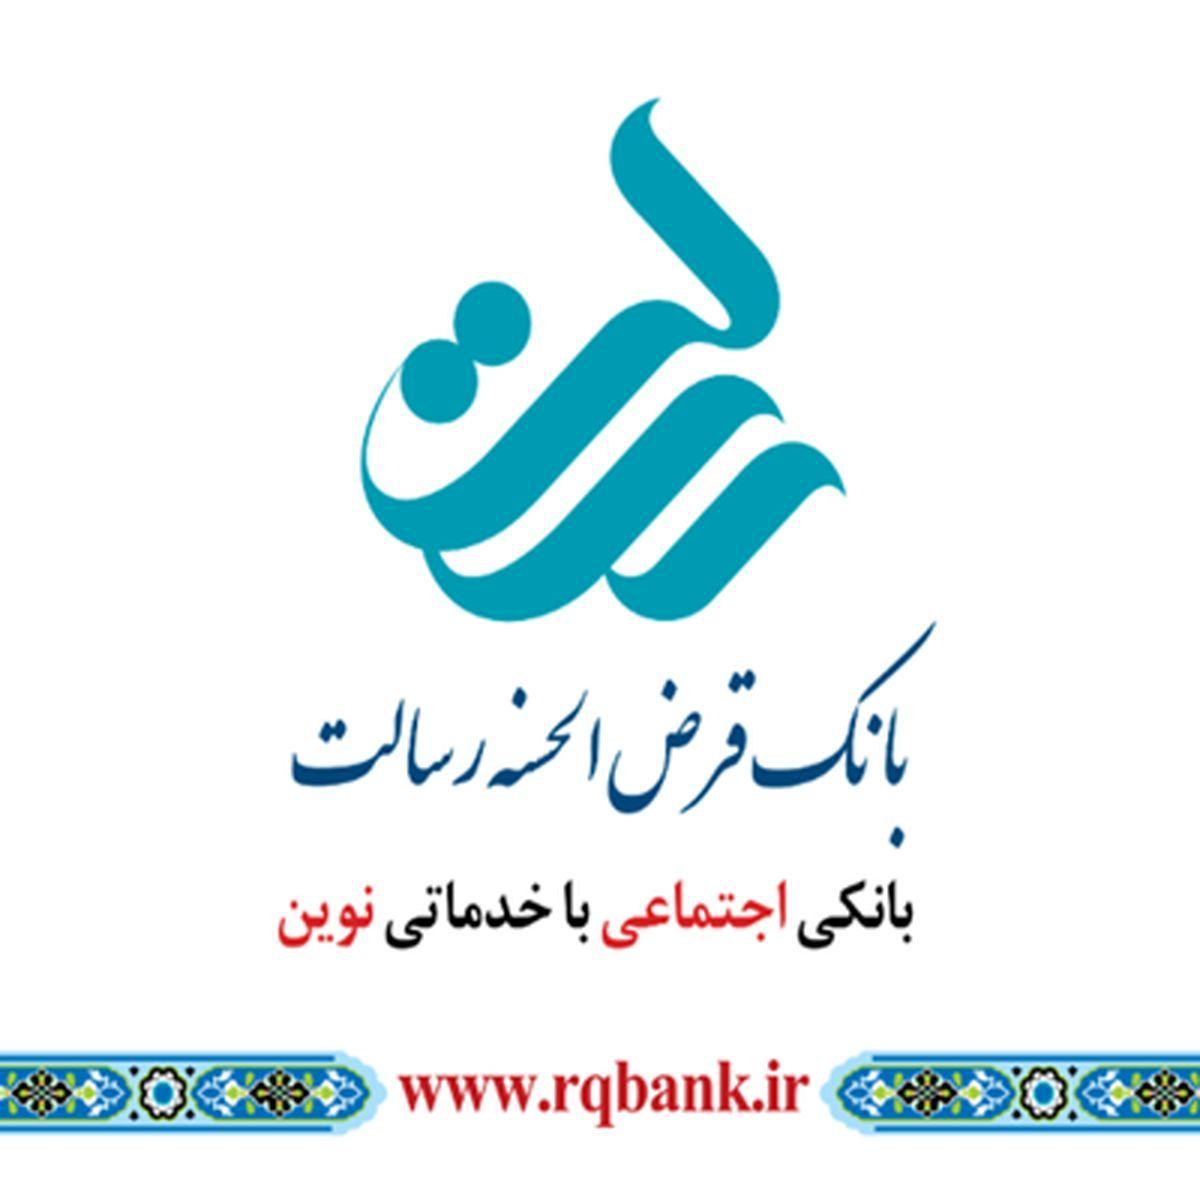 نوبت دوم مجمع عمومی عادی بانک قرض الحسنه رسالت برگزار می شود